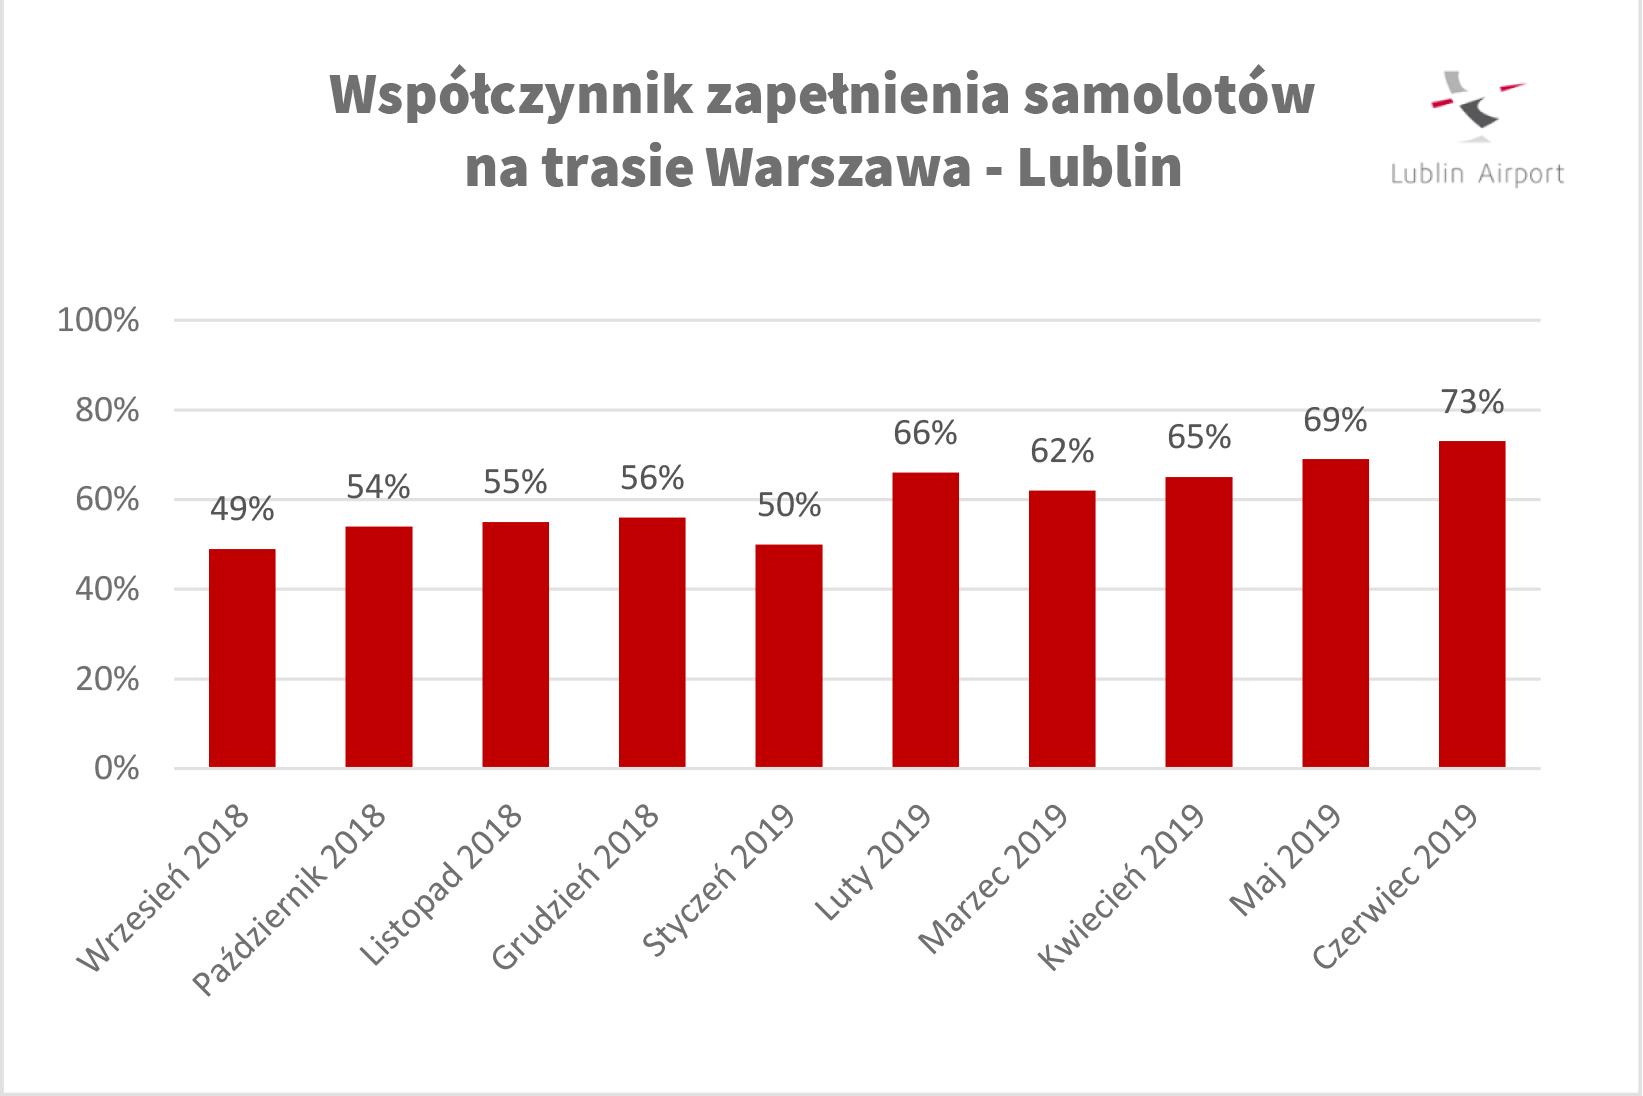 Źródło: Port lotniczny Lublin